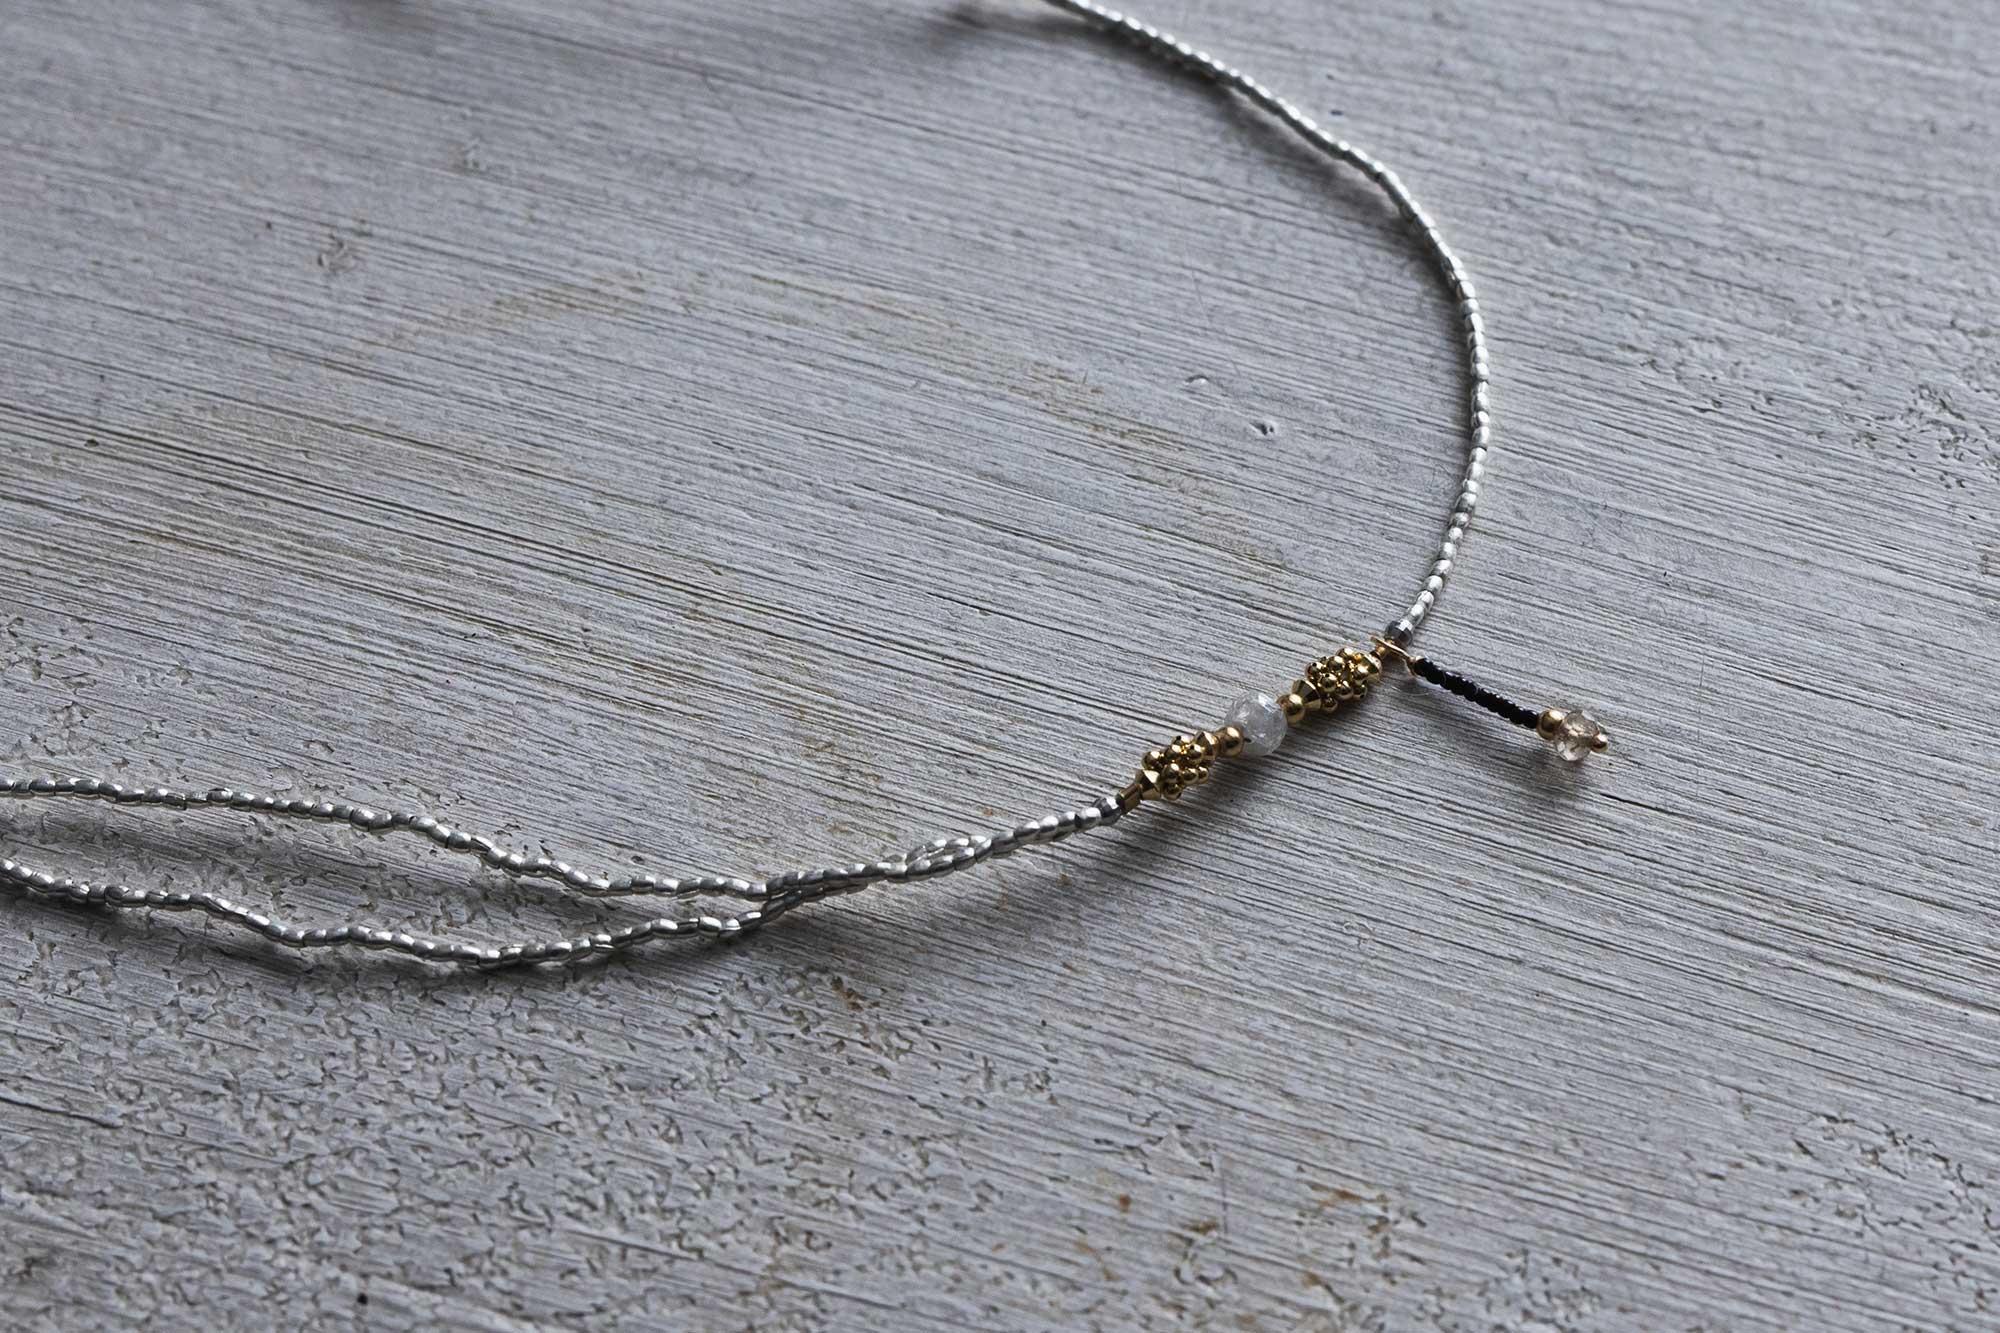 立田暁子 ネックレス ナチュラルダイヤモンド 50cm